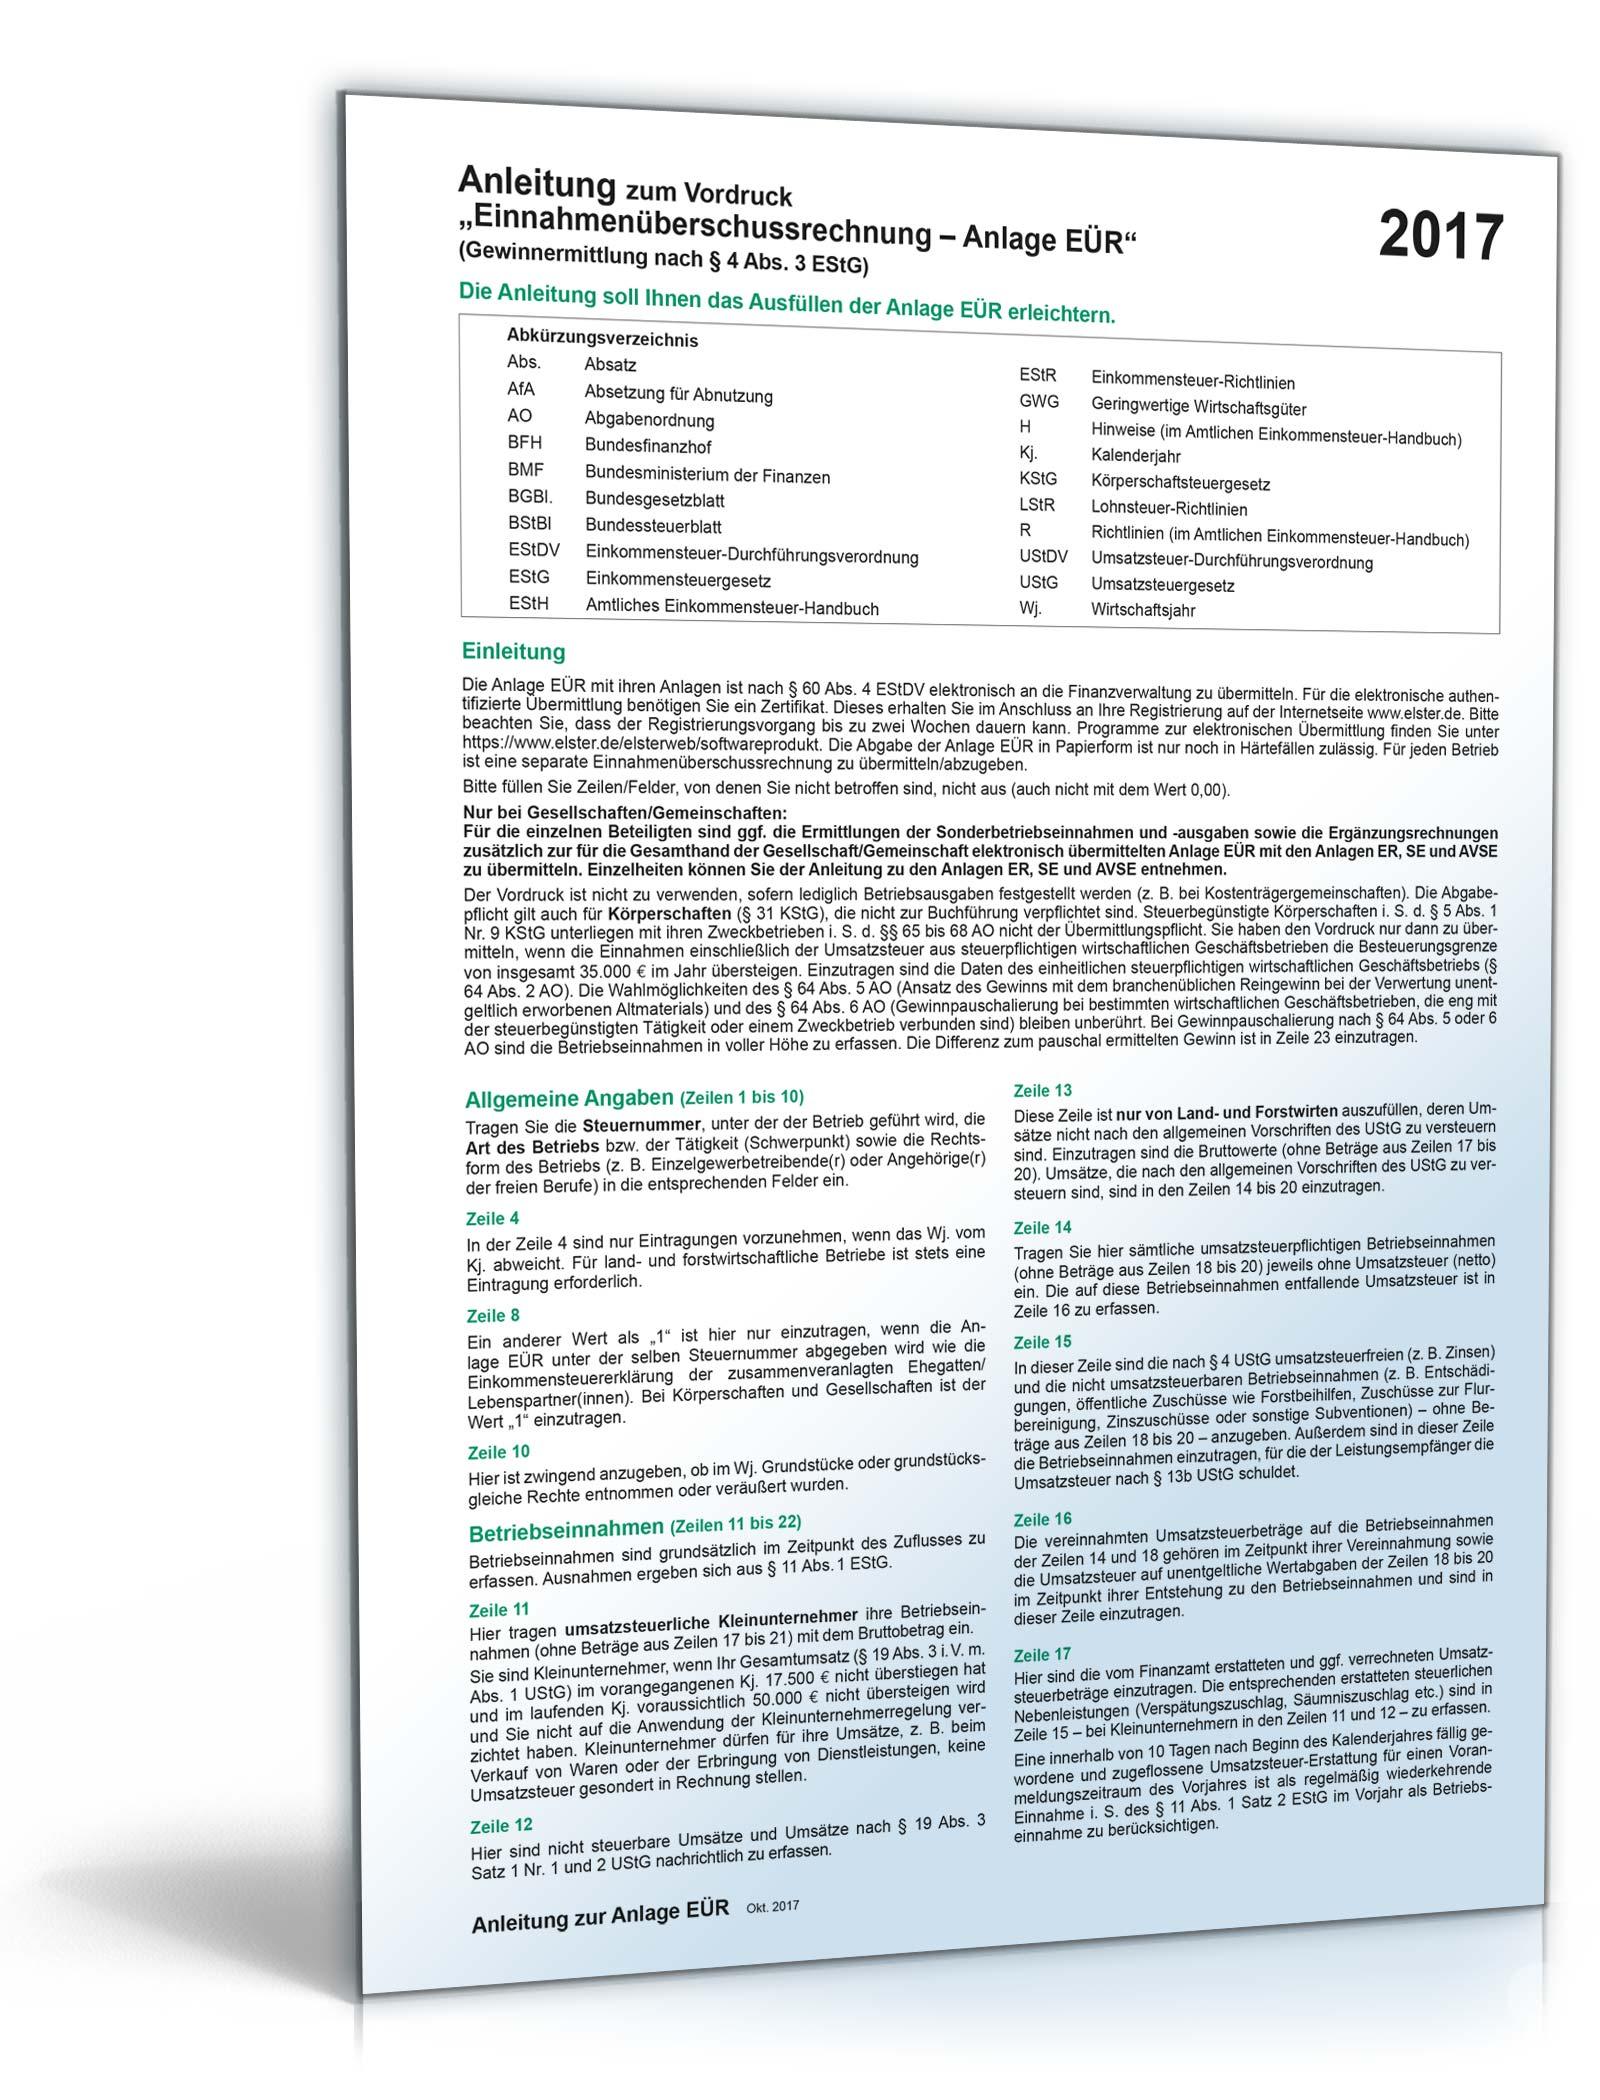 Download Archiv • Dokumente Deutschland » Dokumente & Vorlagen